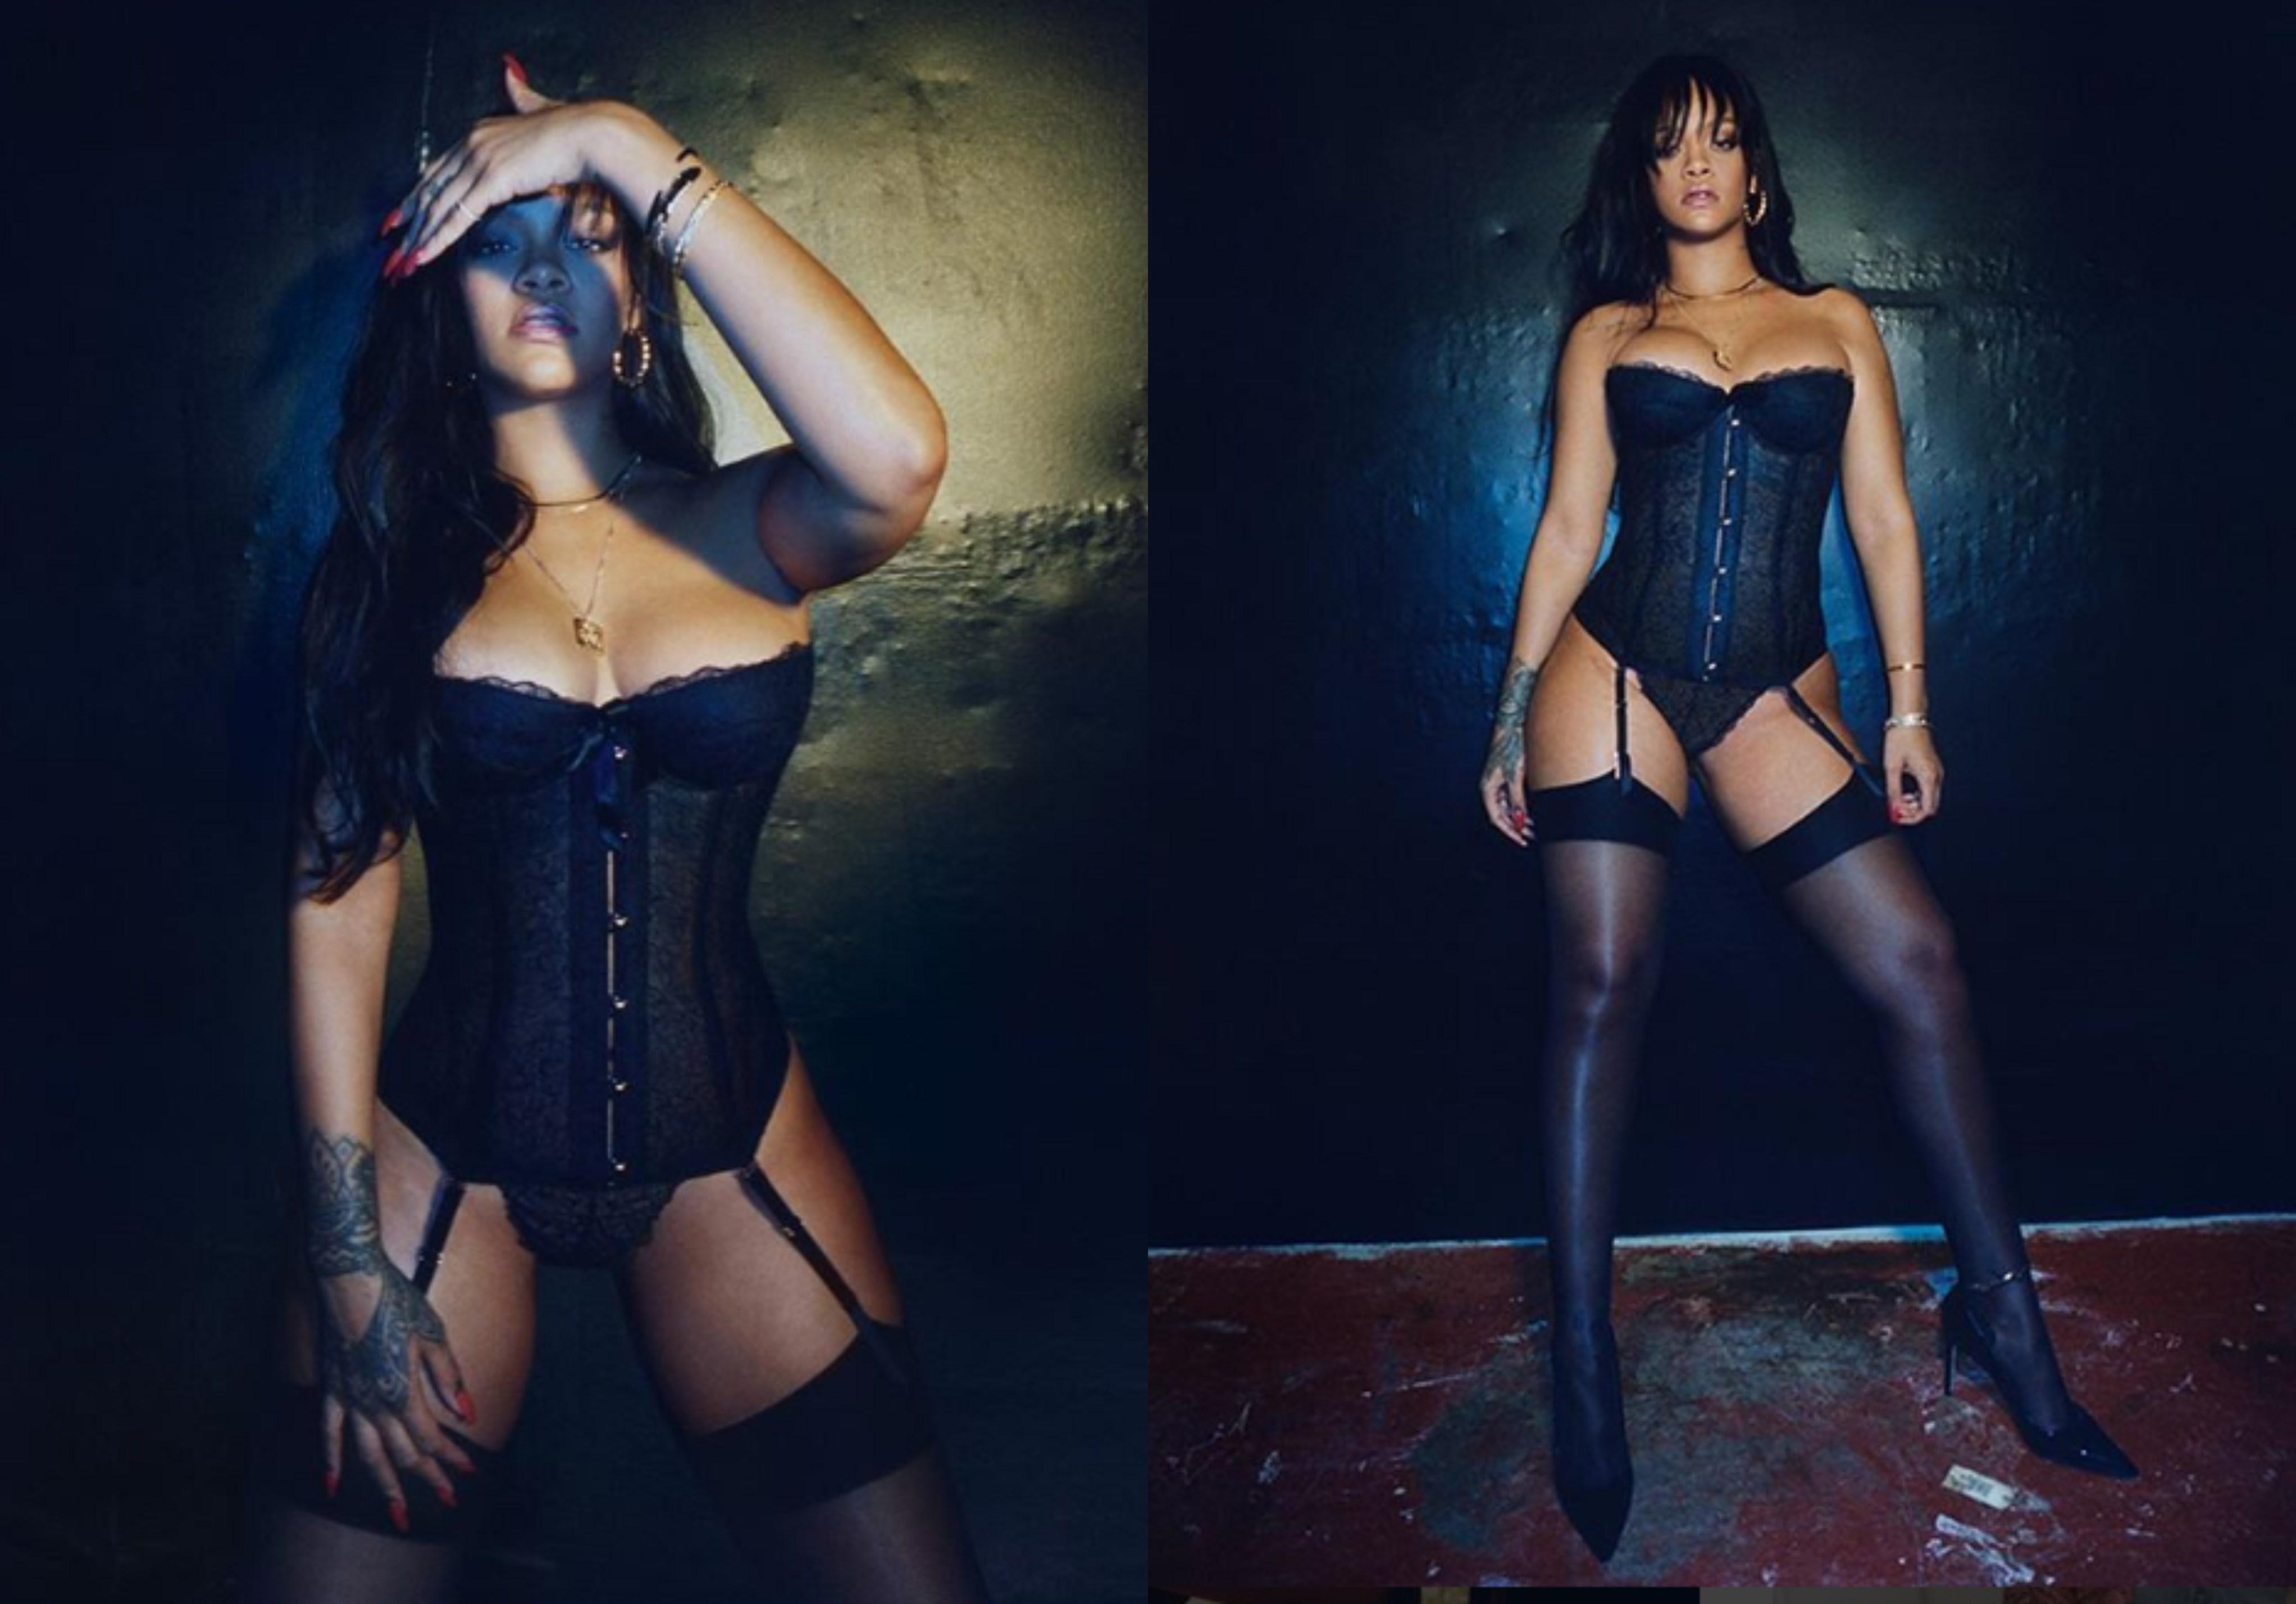 RihannaRubljeNaslovna